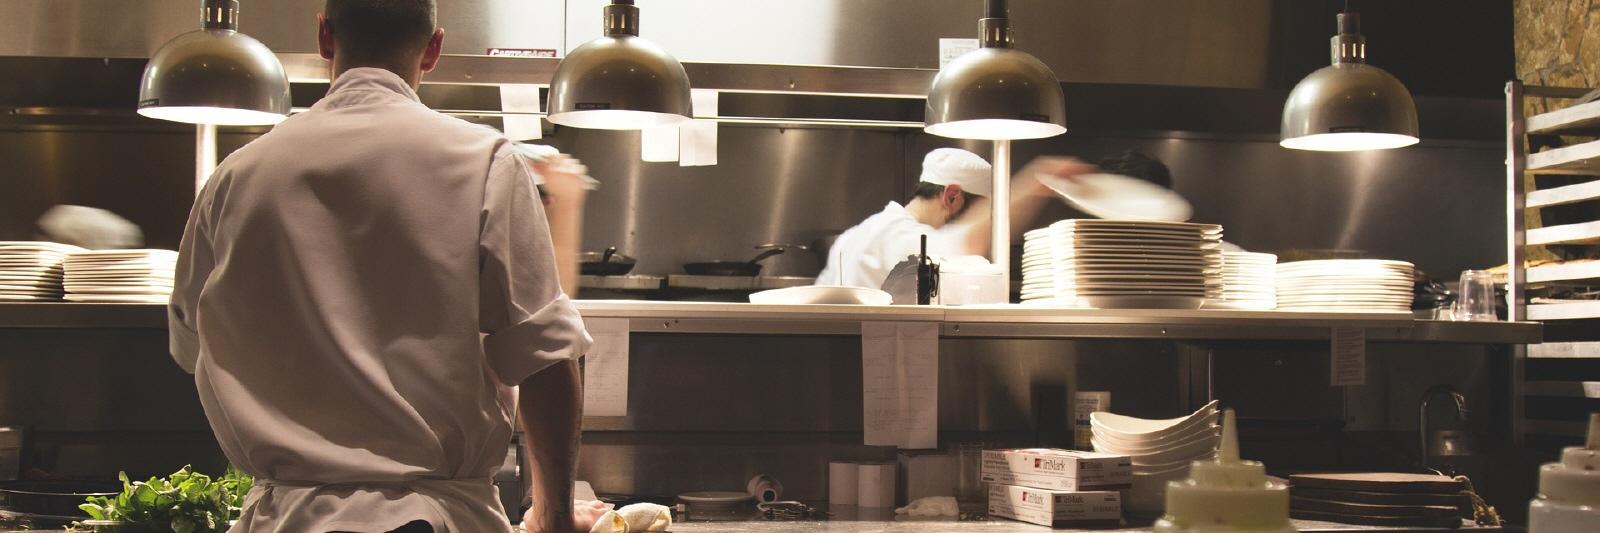 Auflagen Gastronomie Küche | Ordnung In Der Kuche Die Korrekte Lagerung Von Lebensmitteln In Der